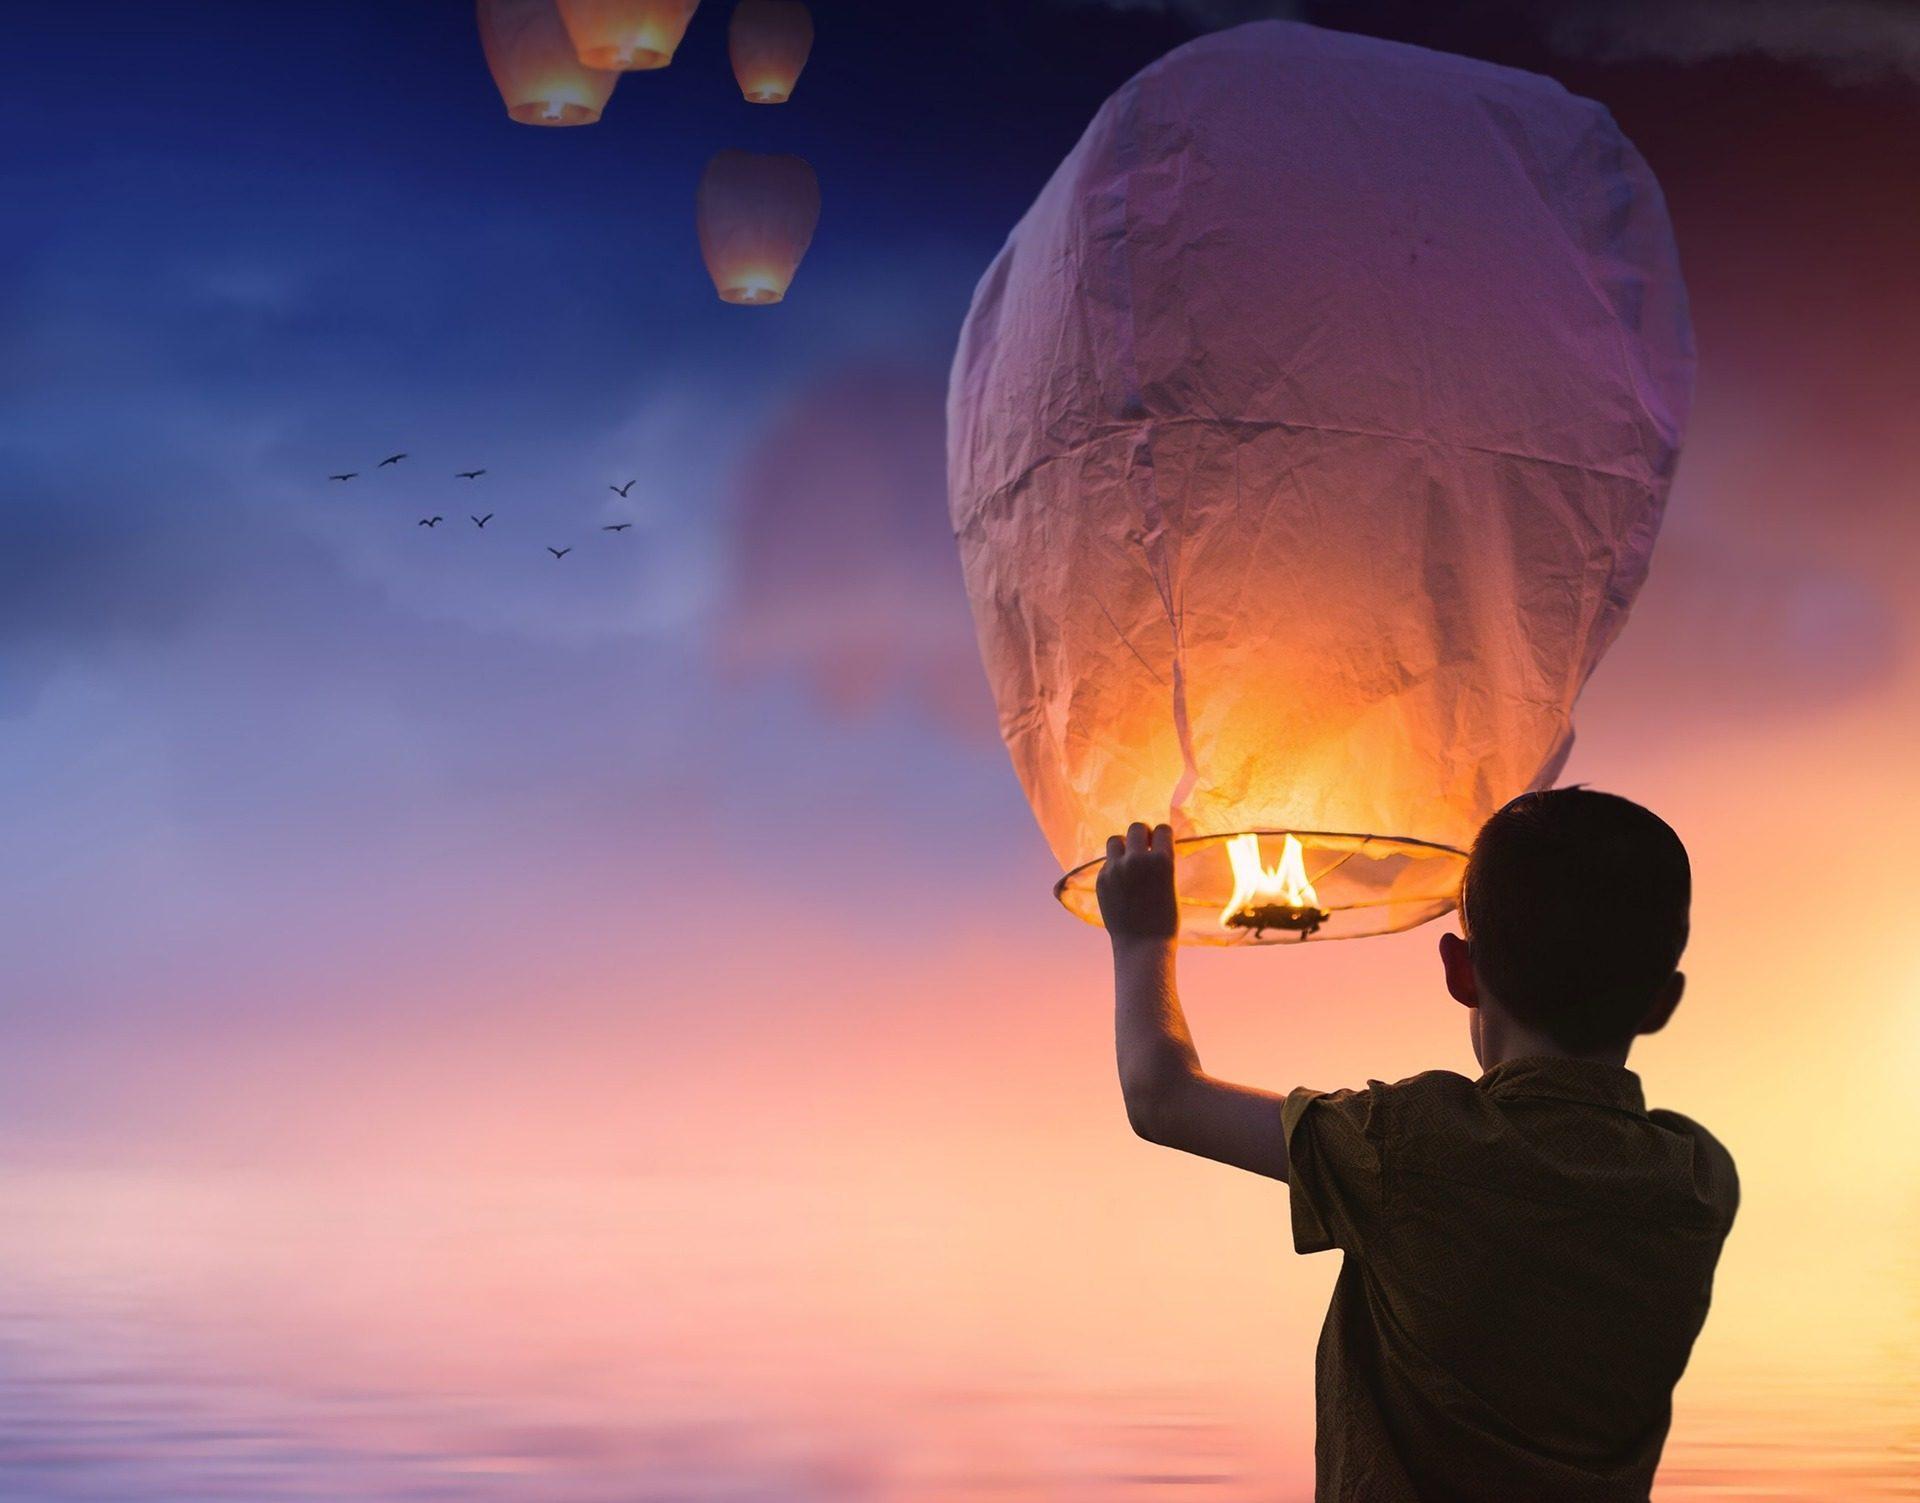 ребенок, Свеча, воздушный шар, лампа, Муха, пожелания - Обои HD - Профессор falken.com